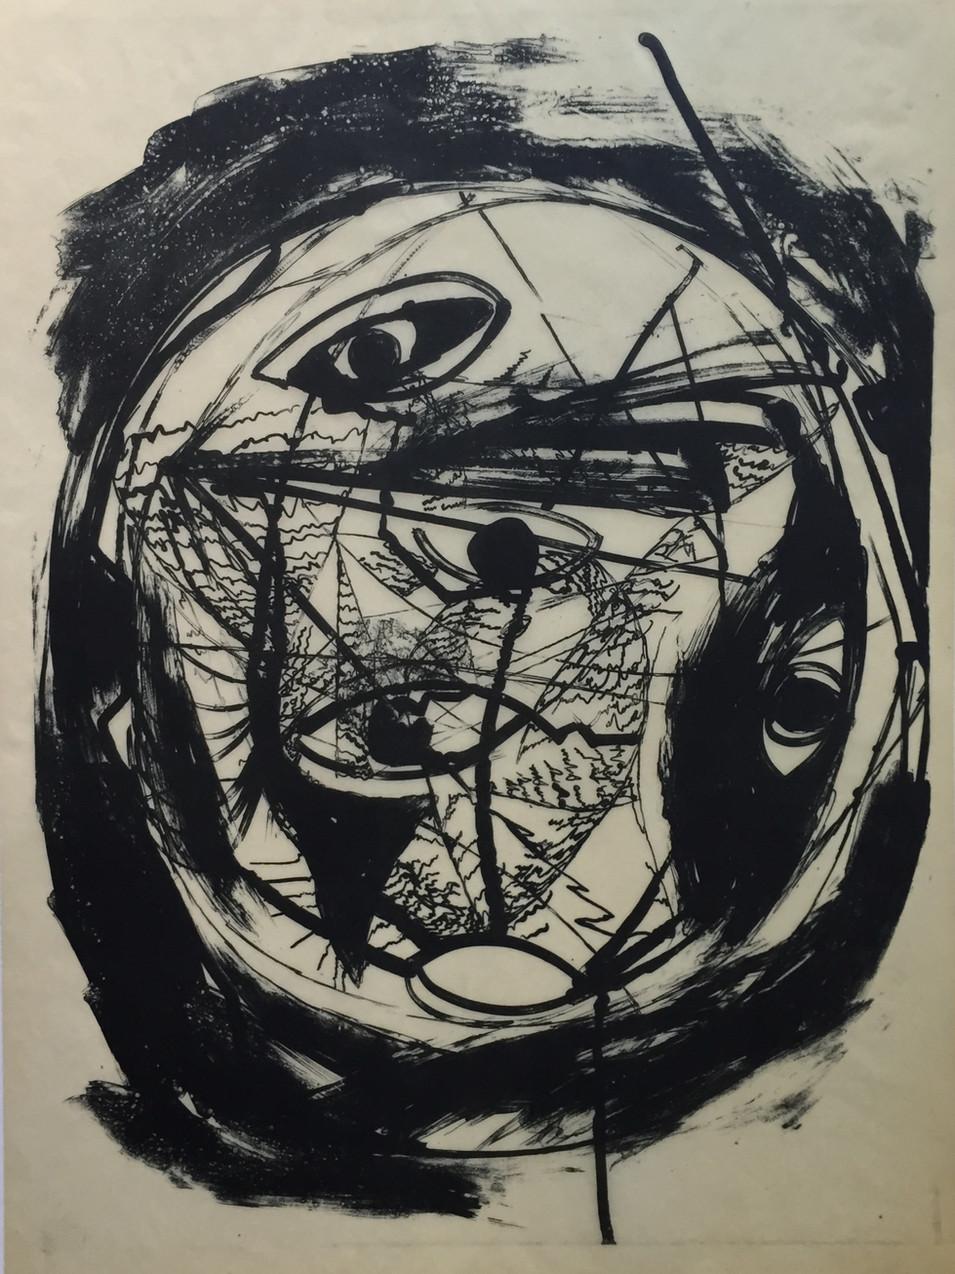 Carlfriedrich Claus | Psychische Vorgänge | 1973 | 49 x 35,5 cm